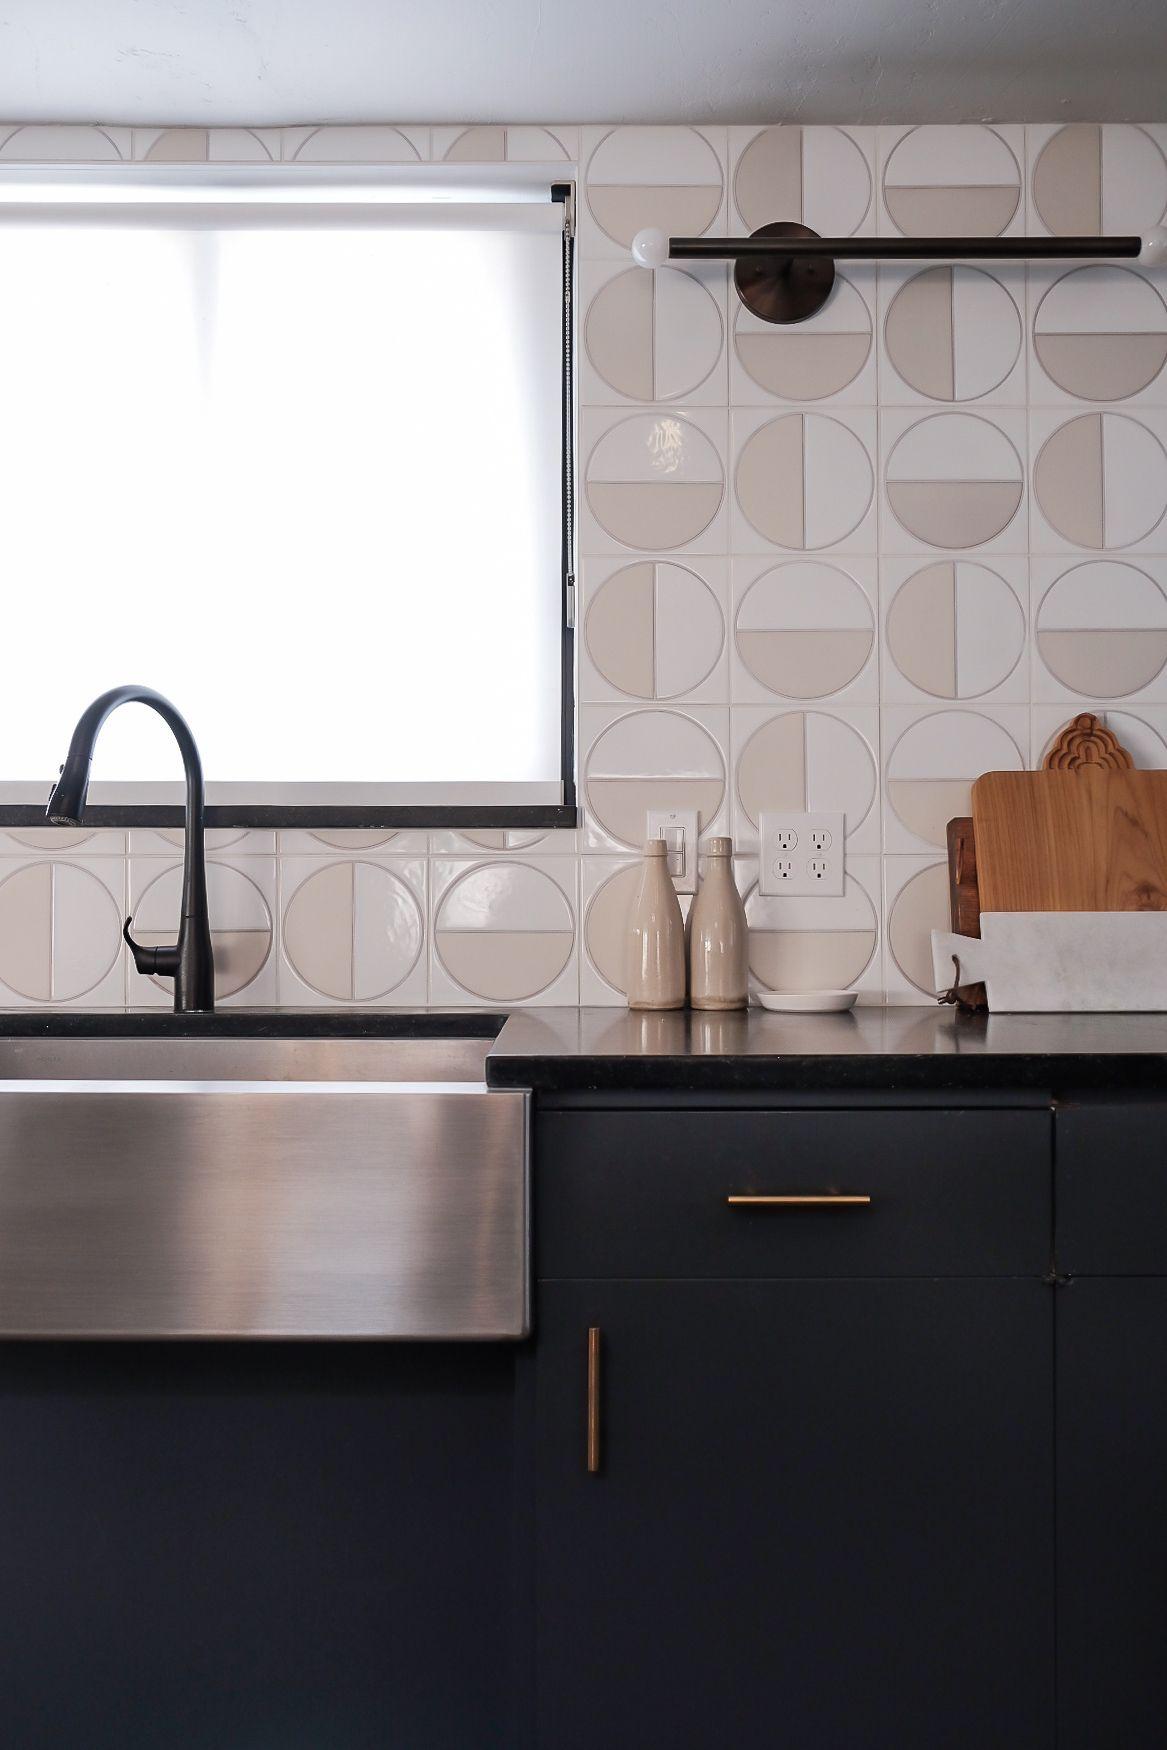 Kirsten Grove S Kitchen Backsplash Features Our Handpainted